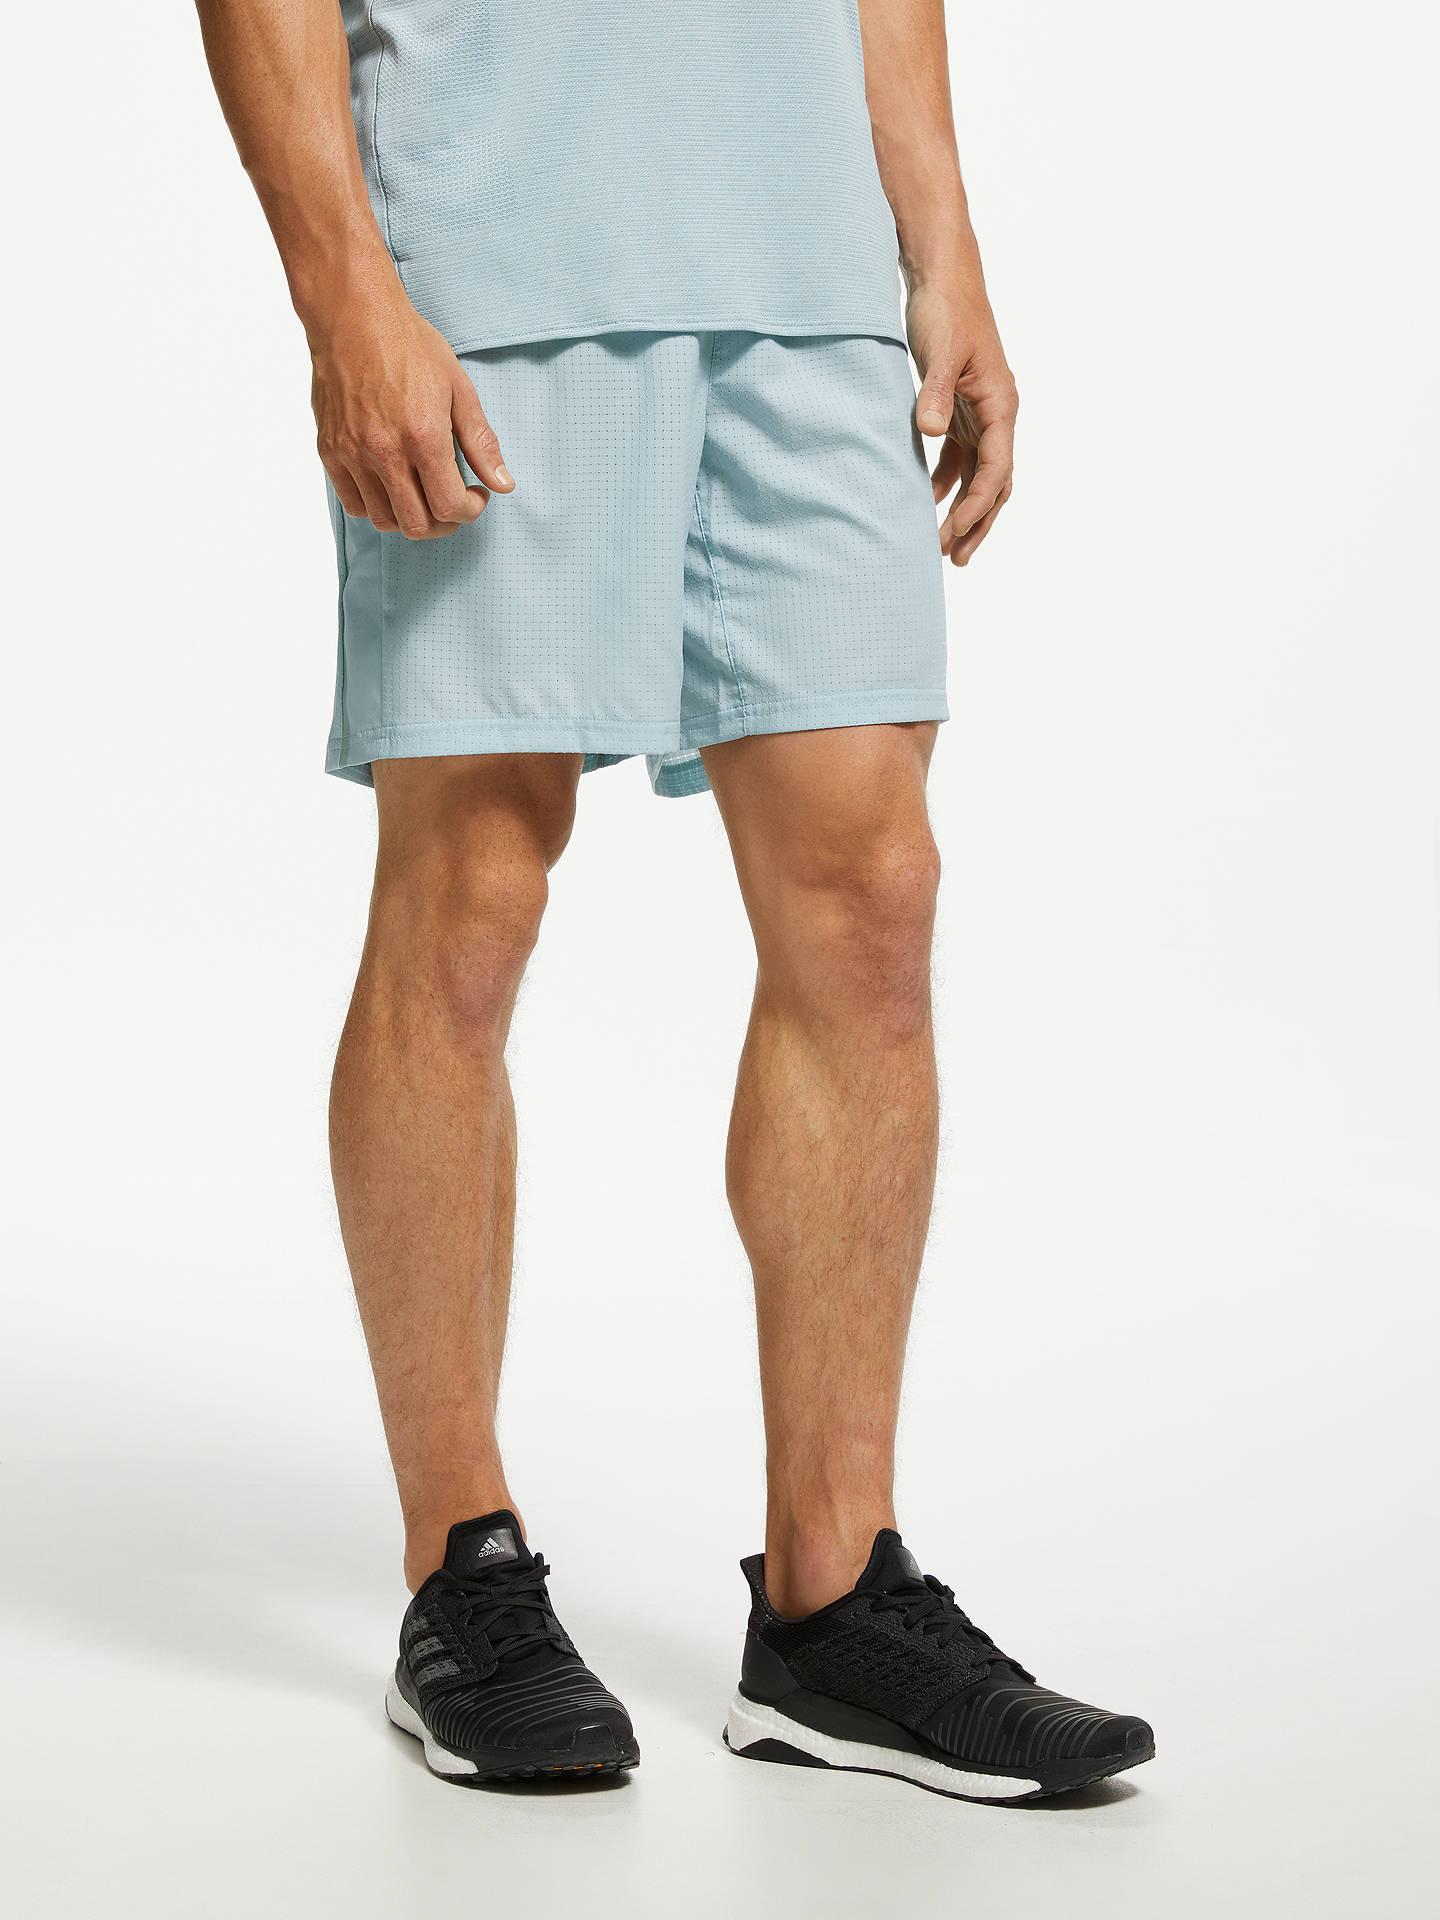 645f57a04bc47 Buy adidas Supernova Running Shorts